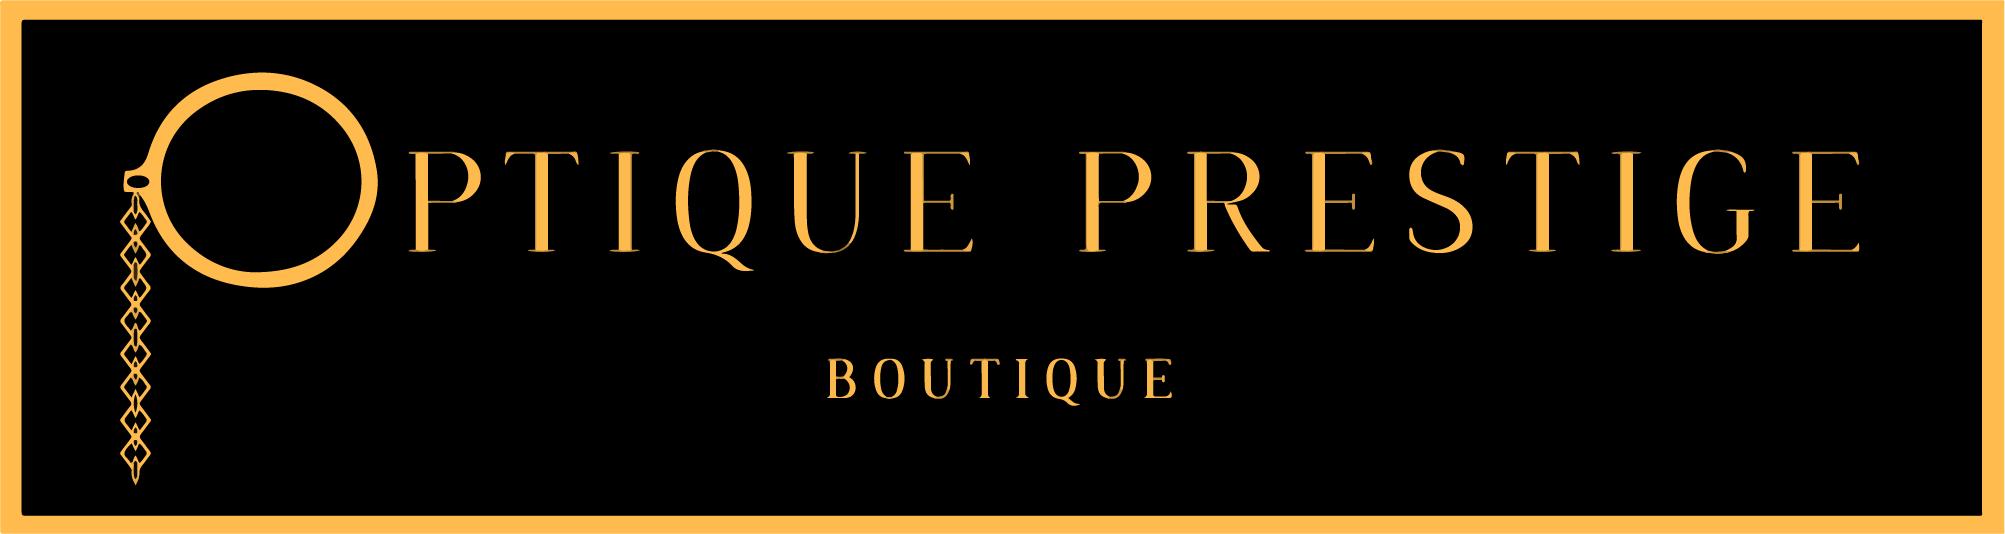 Optique Prestige Boutique